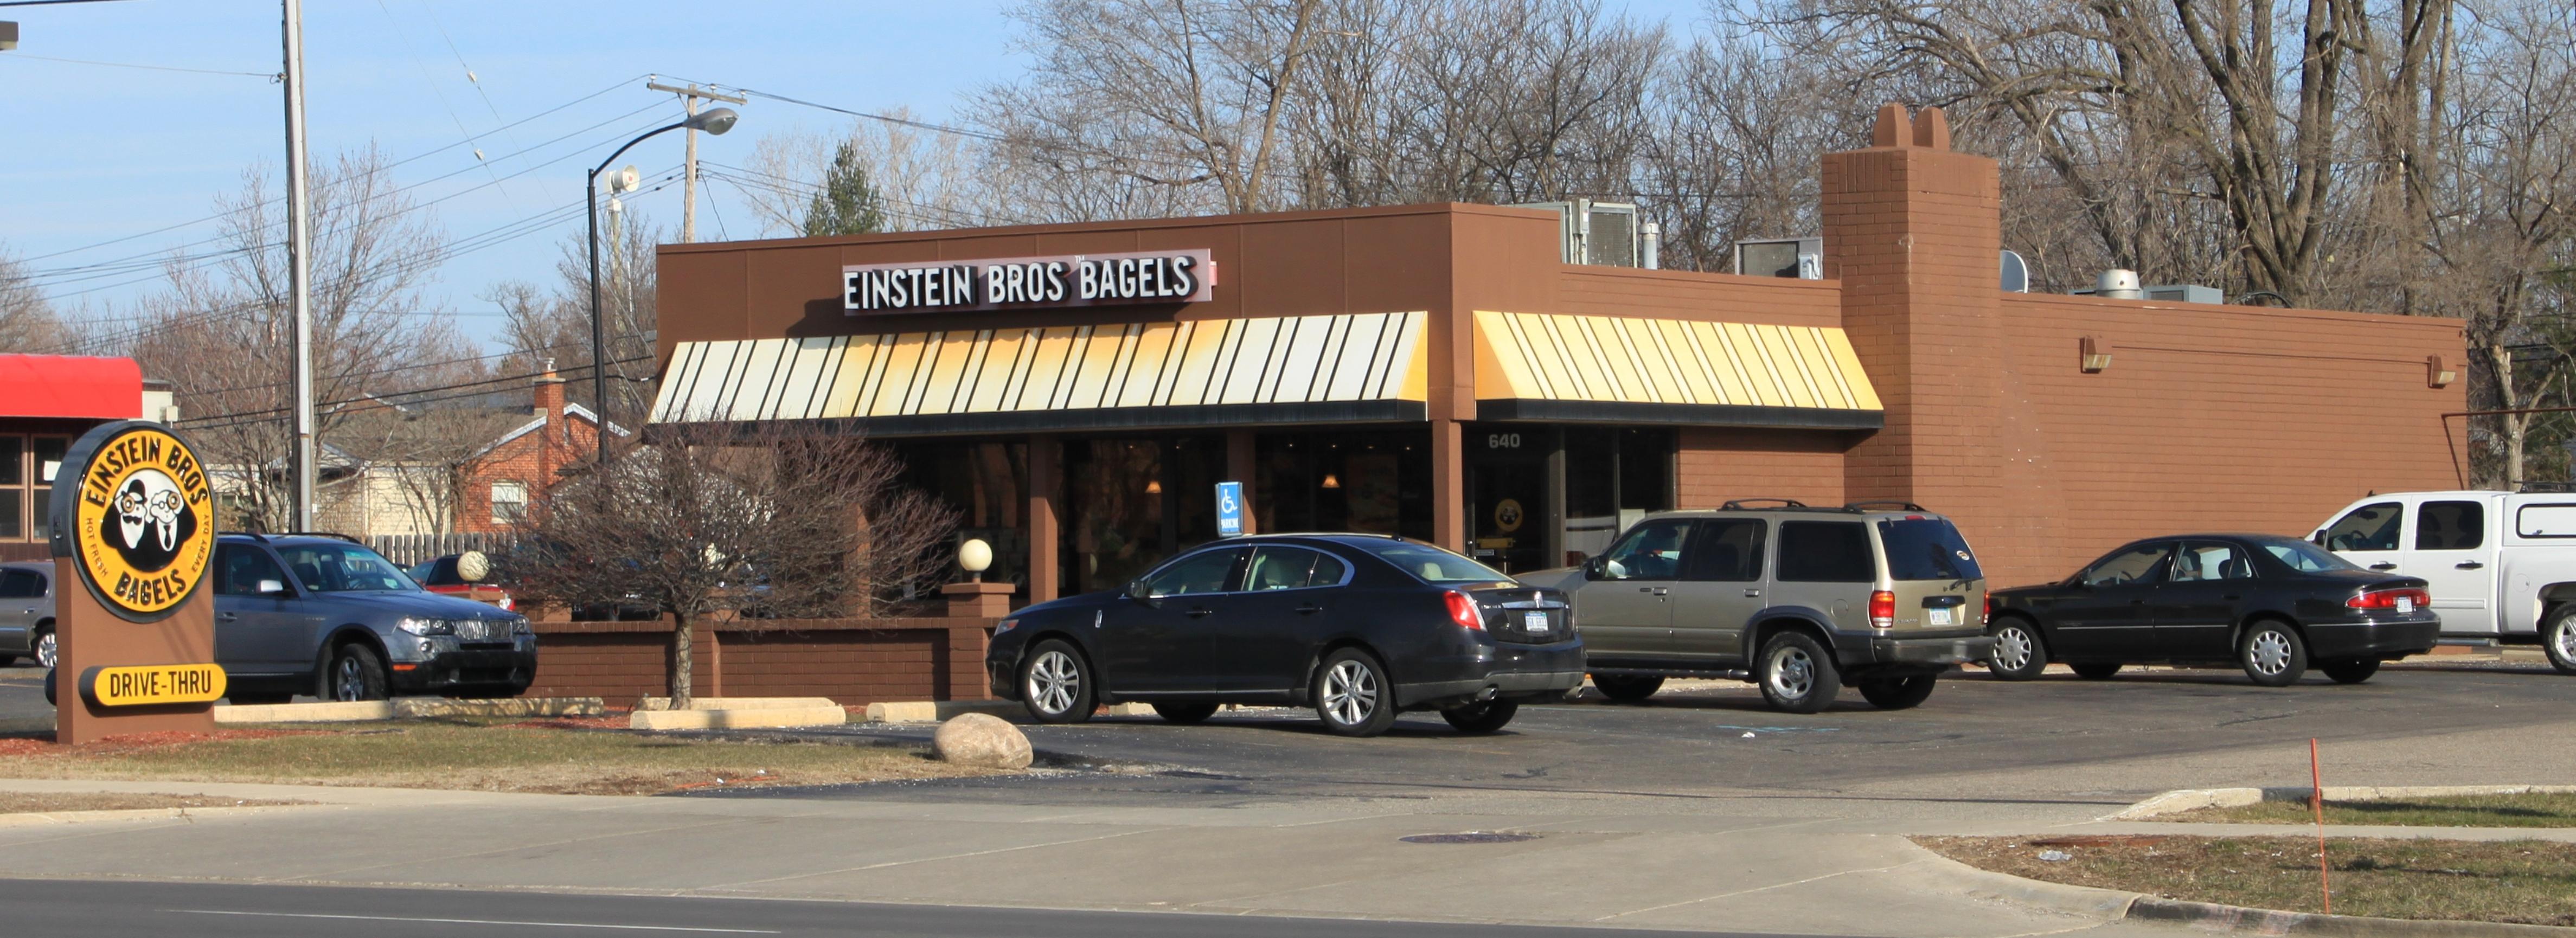 Einstein bagels plymouth